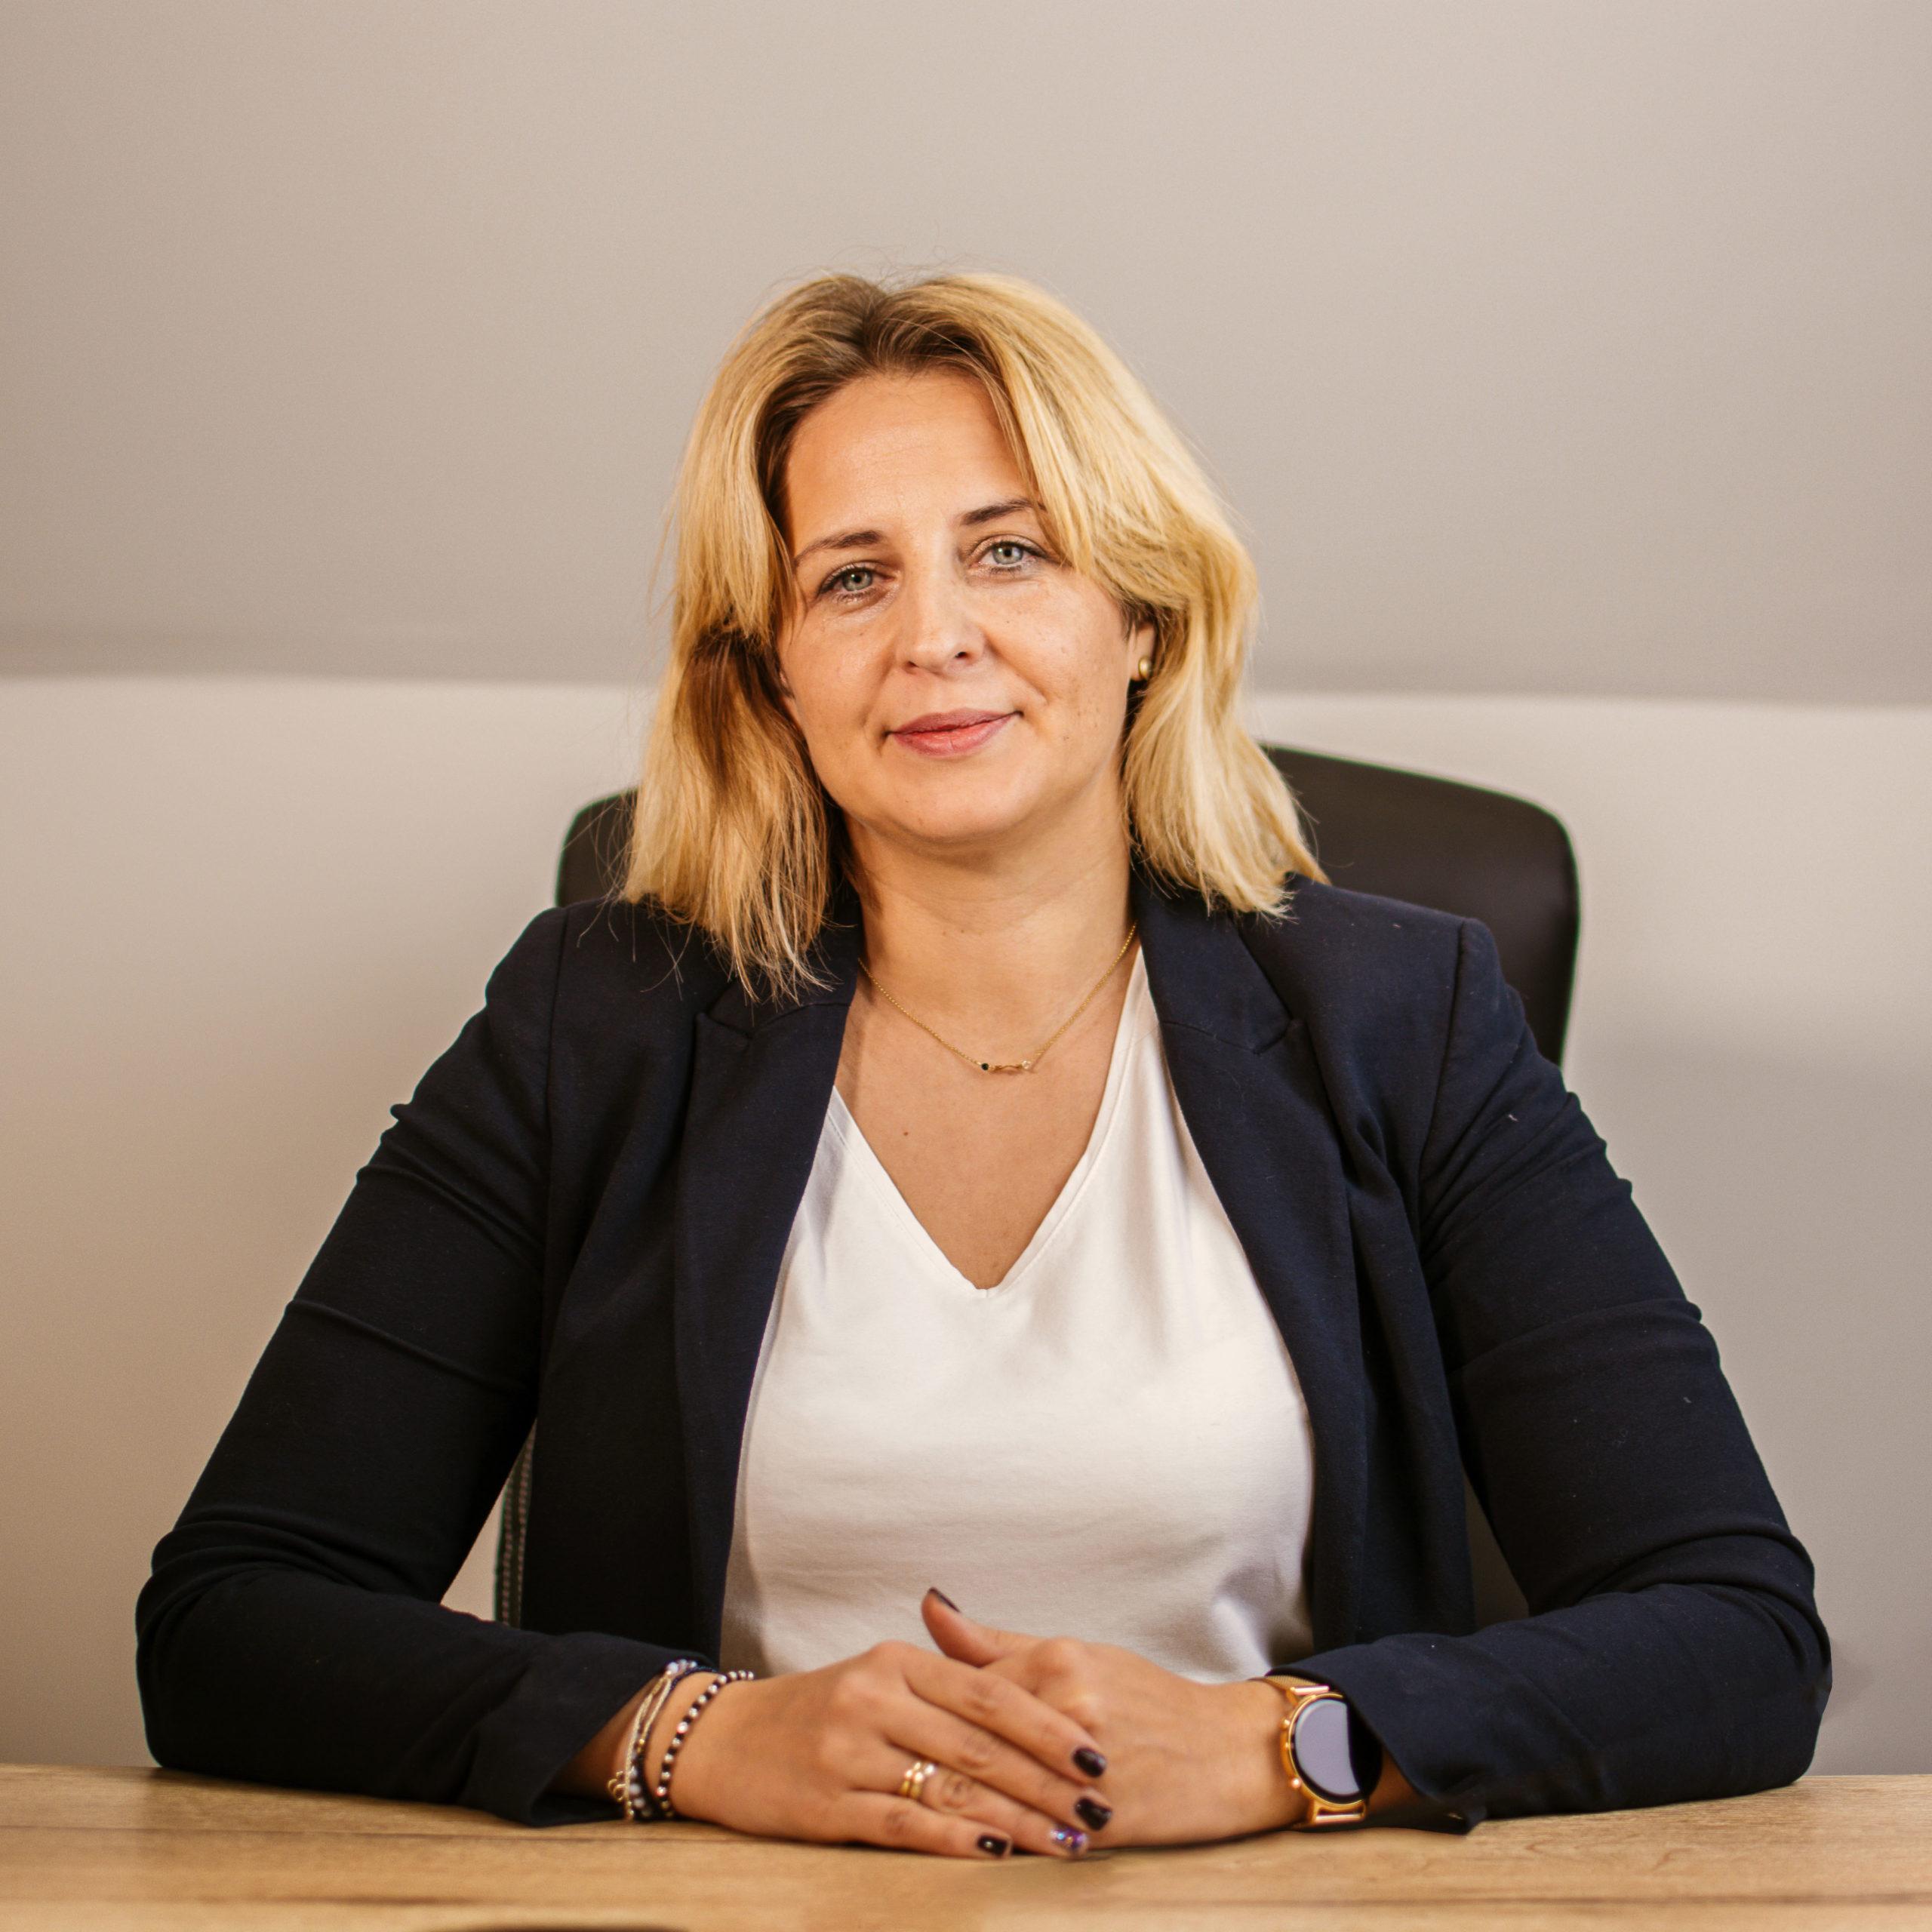 Magdalena Jurgielewicz